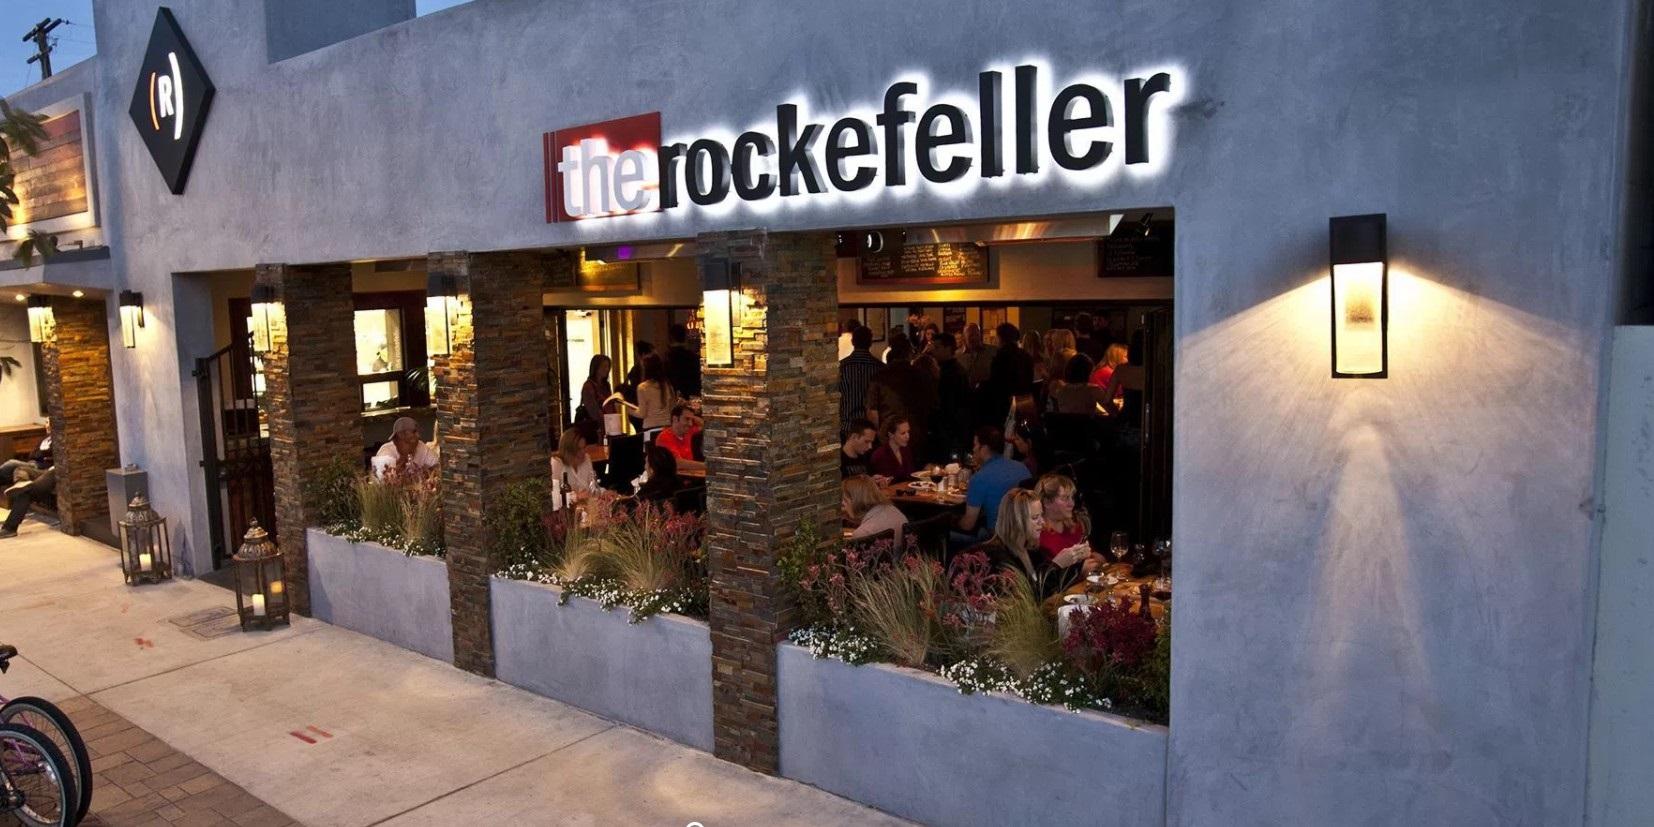 Brunch The Rockefeller Gastropub (90254 Los Angeles)